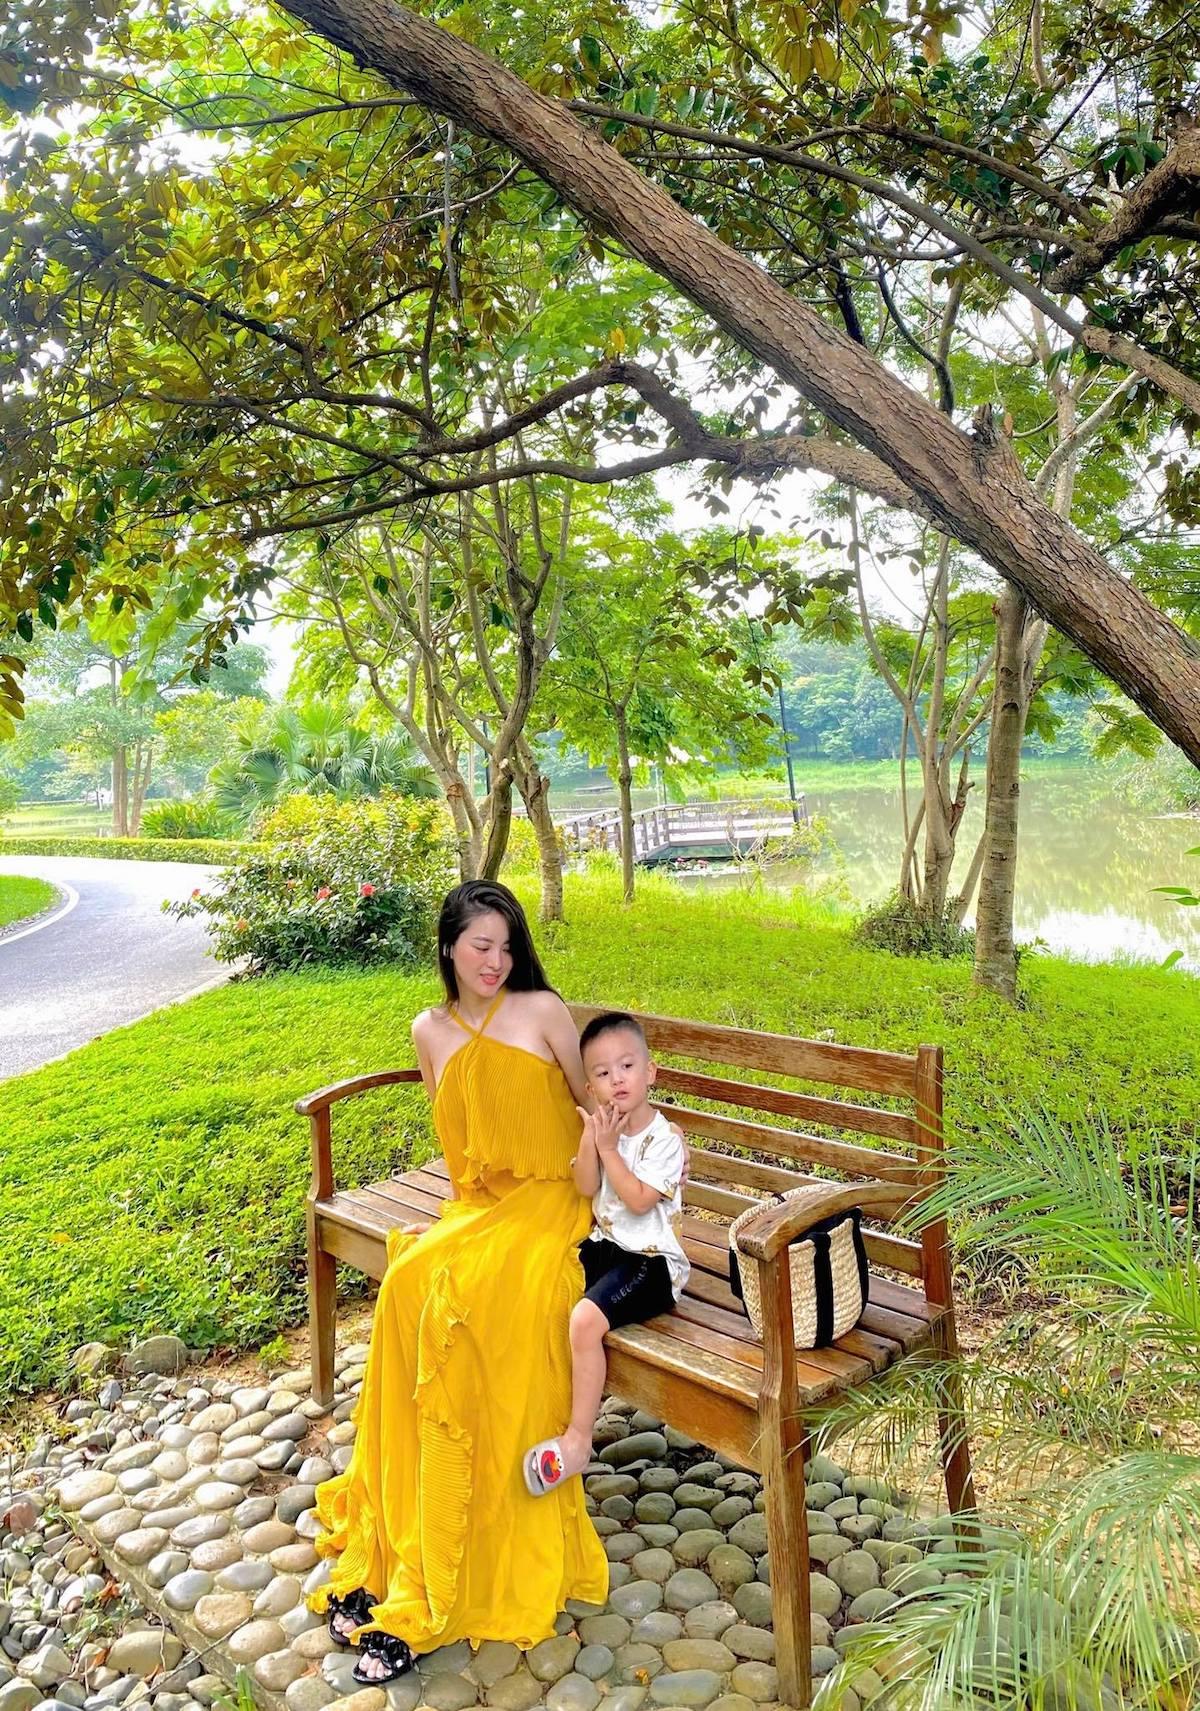 Nghỉ dưỡng cùng gia đình, gần thiên nhiên là nhu cầu của nhiều du khách sau thời gian ở nhà vì Covid-19. Ảnh: Nguyễn Thu Hương